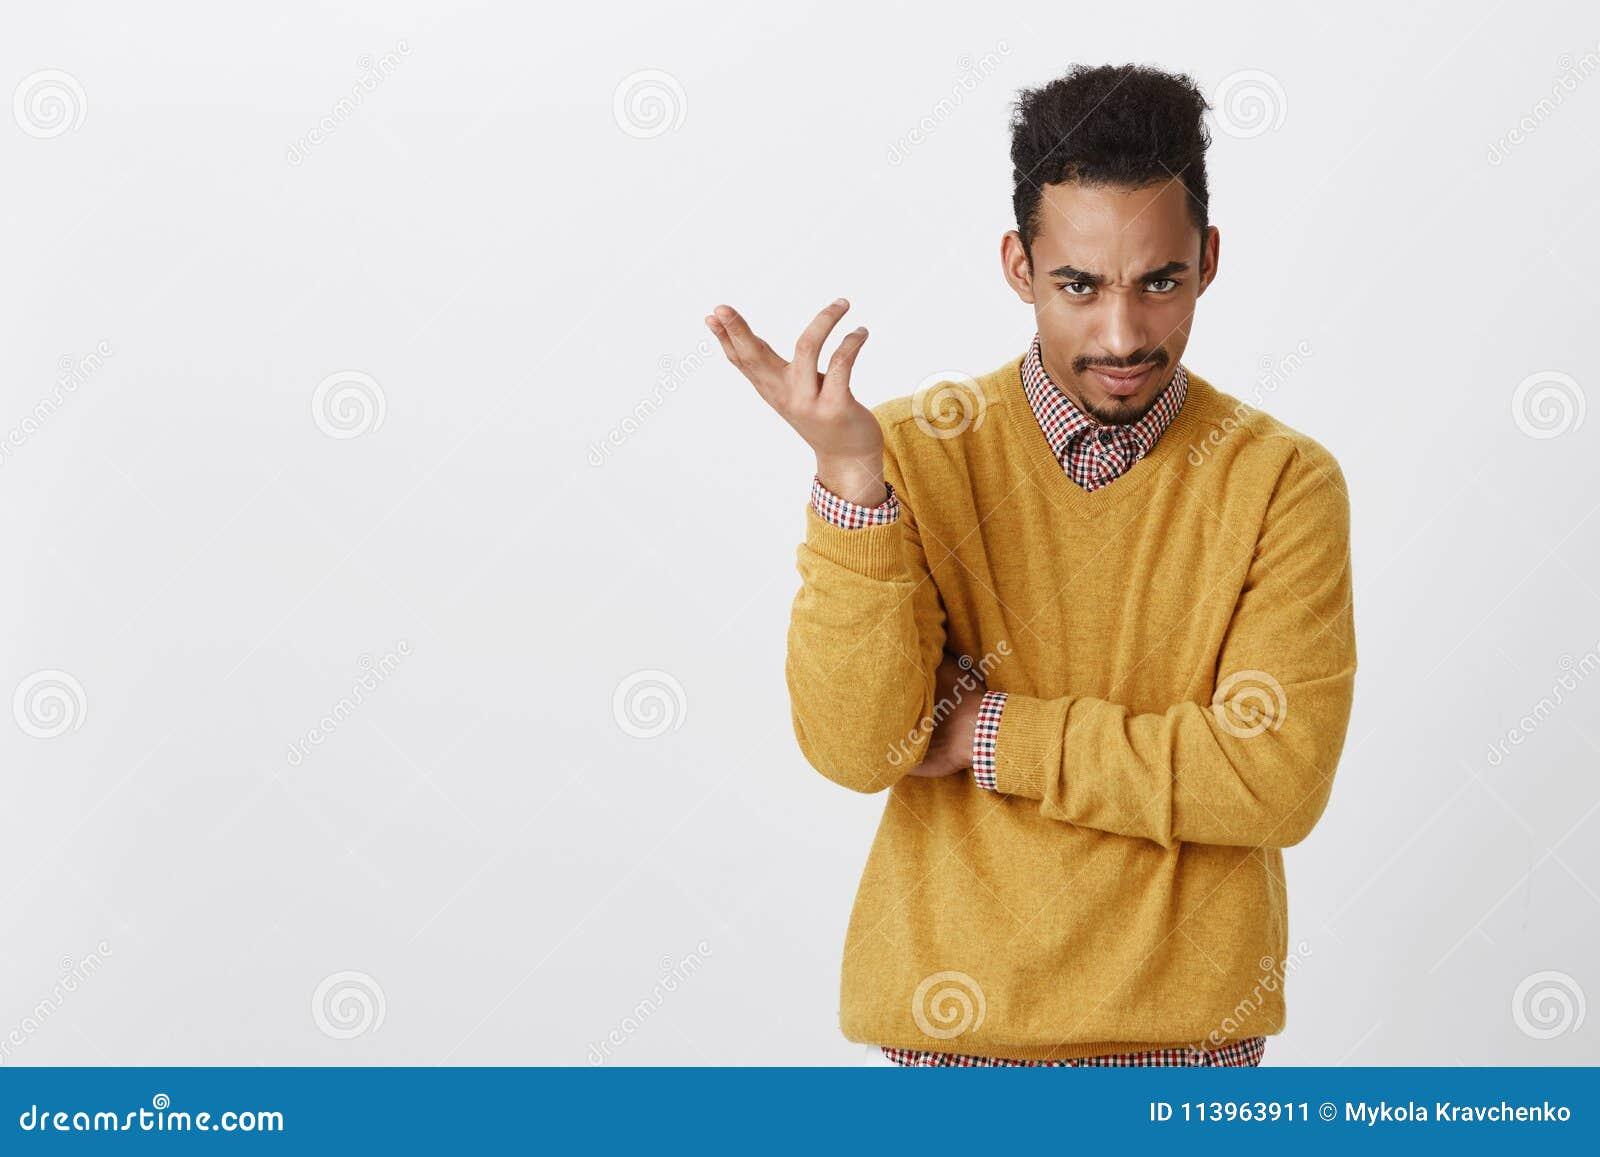 Bent stom u Portret van geërgerd knap mannetje met afrokapsel in gele kleren, het gesturing, die verwarring uitdrukken